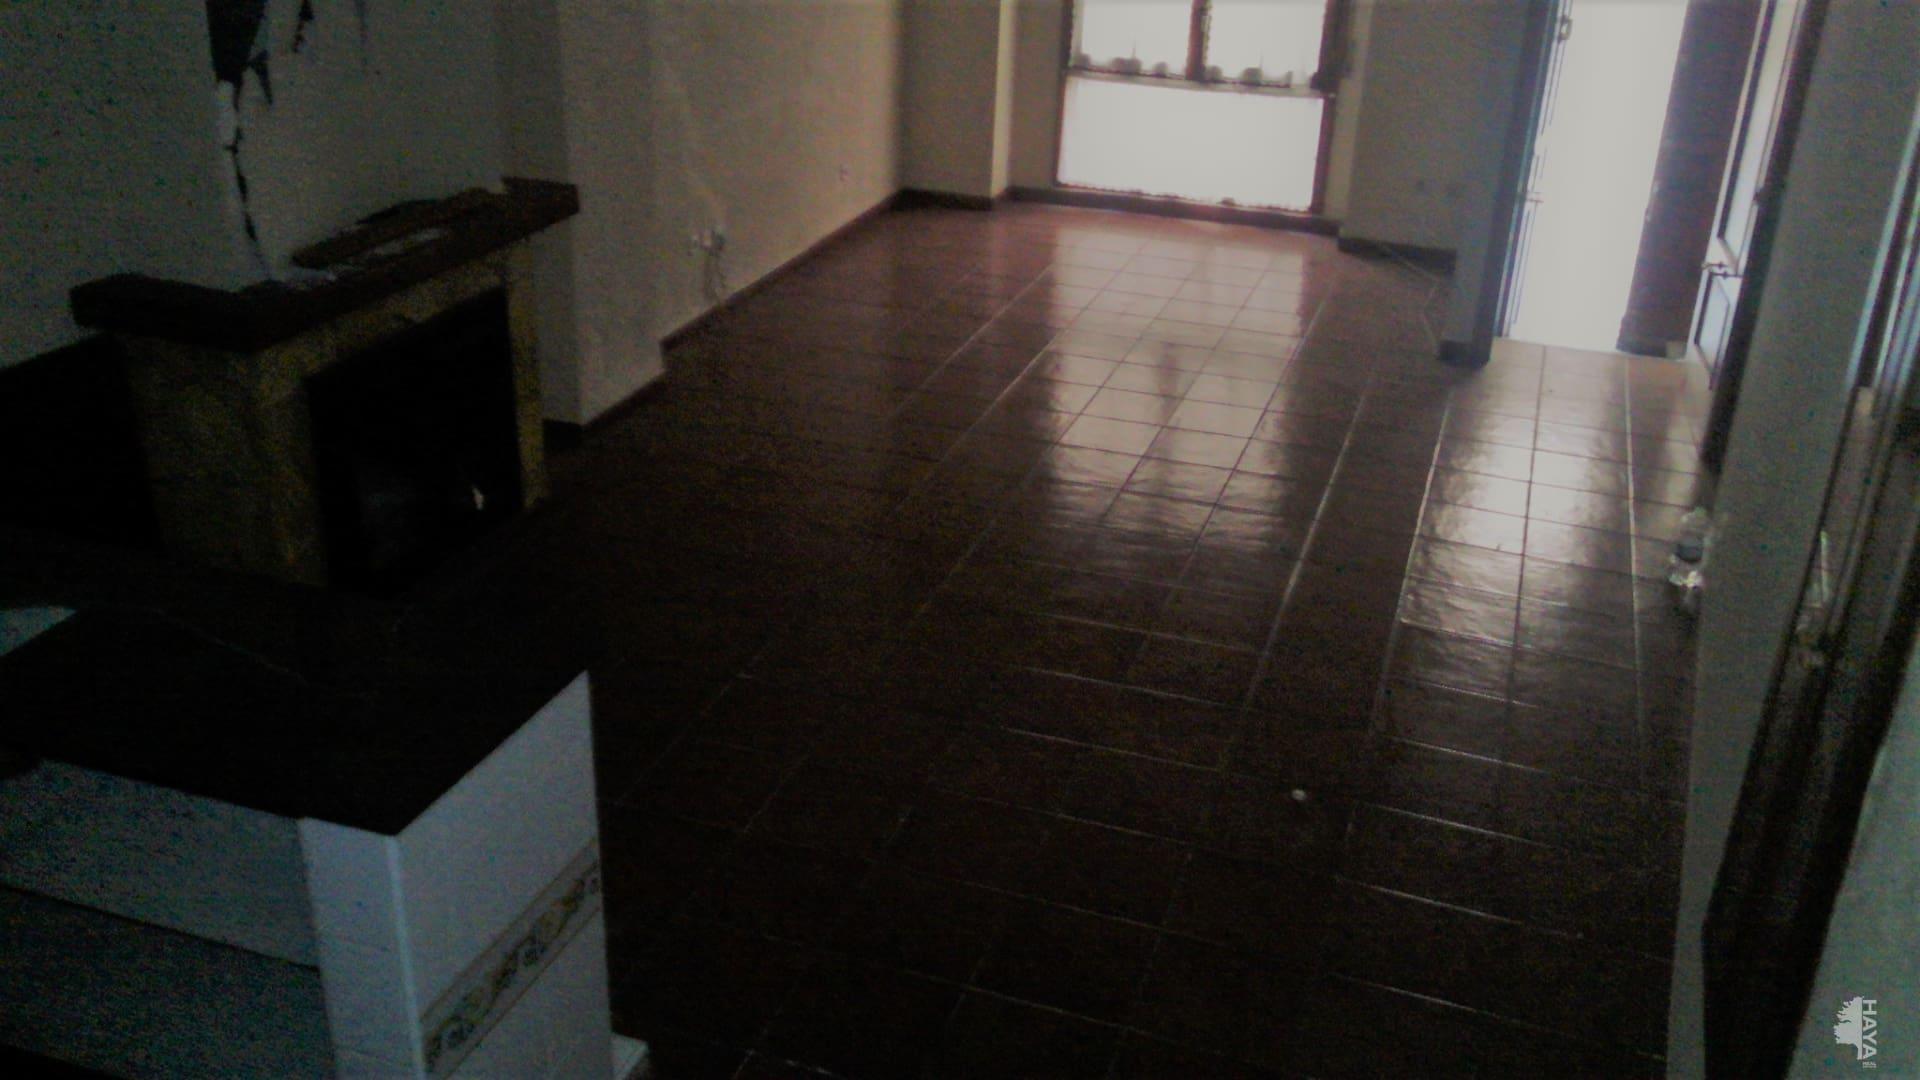 Piso en venta en Hellín, Albacete, Calle Benito Toboso, 87.300 €, 3 habitaciones, 1 baño, 104 m2